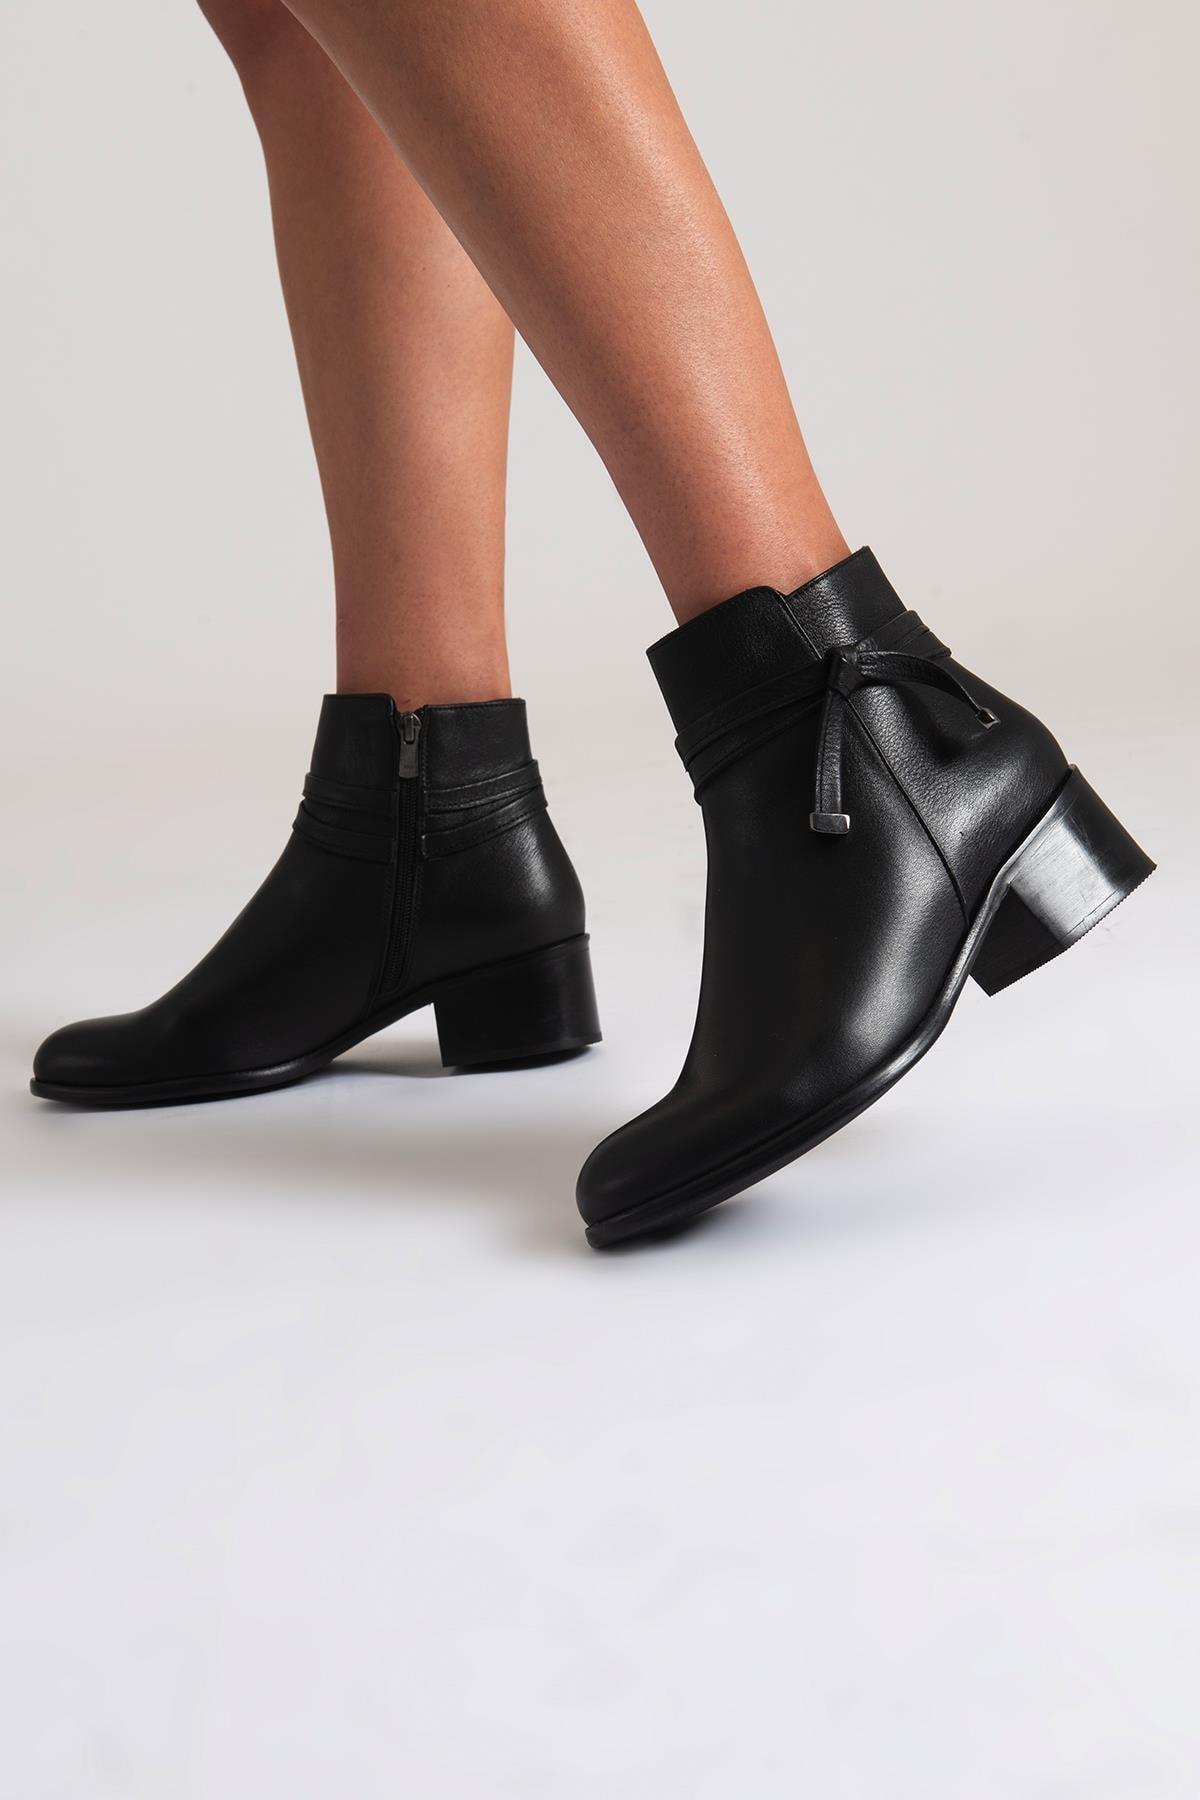 فروش پستی بوت زنانه شیک جدید برند CZ London رنگ مشکی کد ty48504110